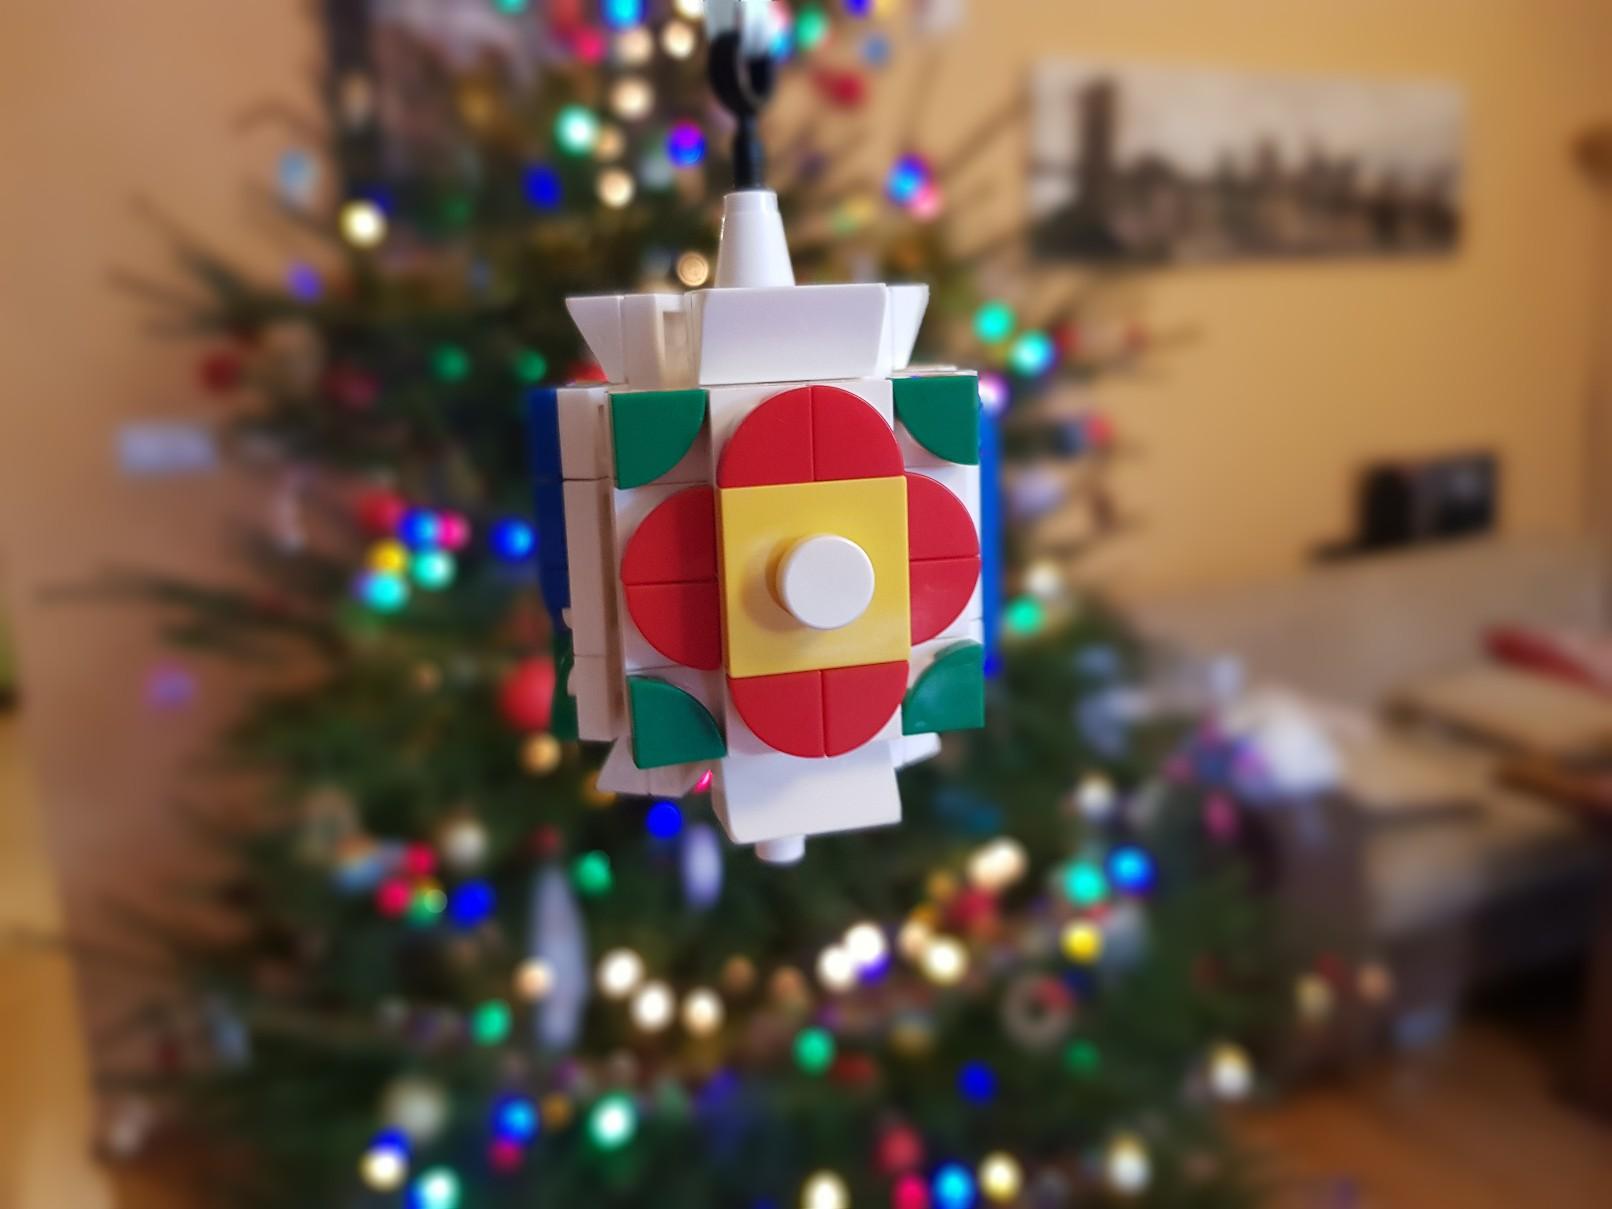 lego moc christmas baubles cashubia 1